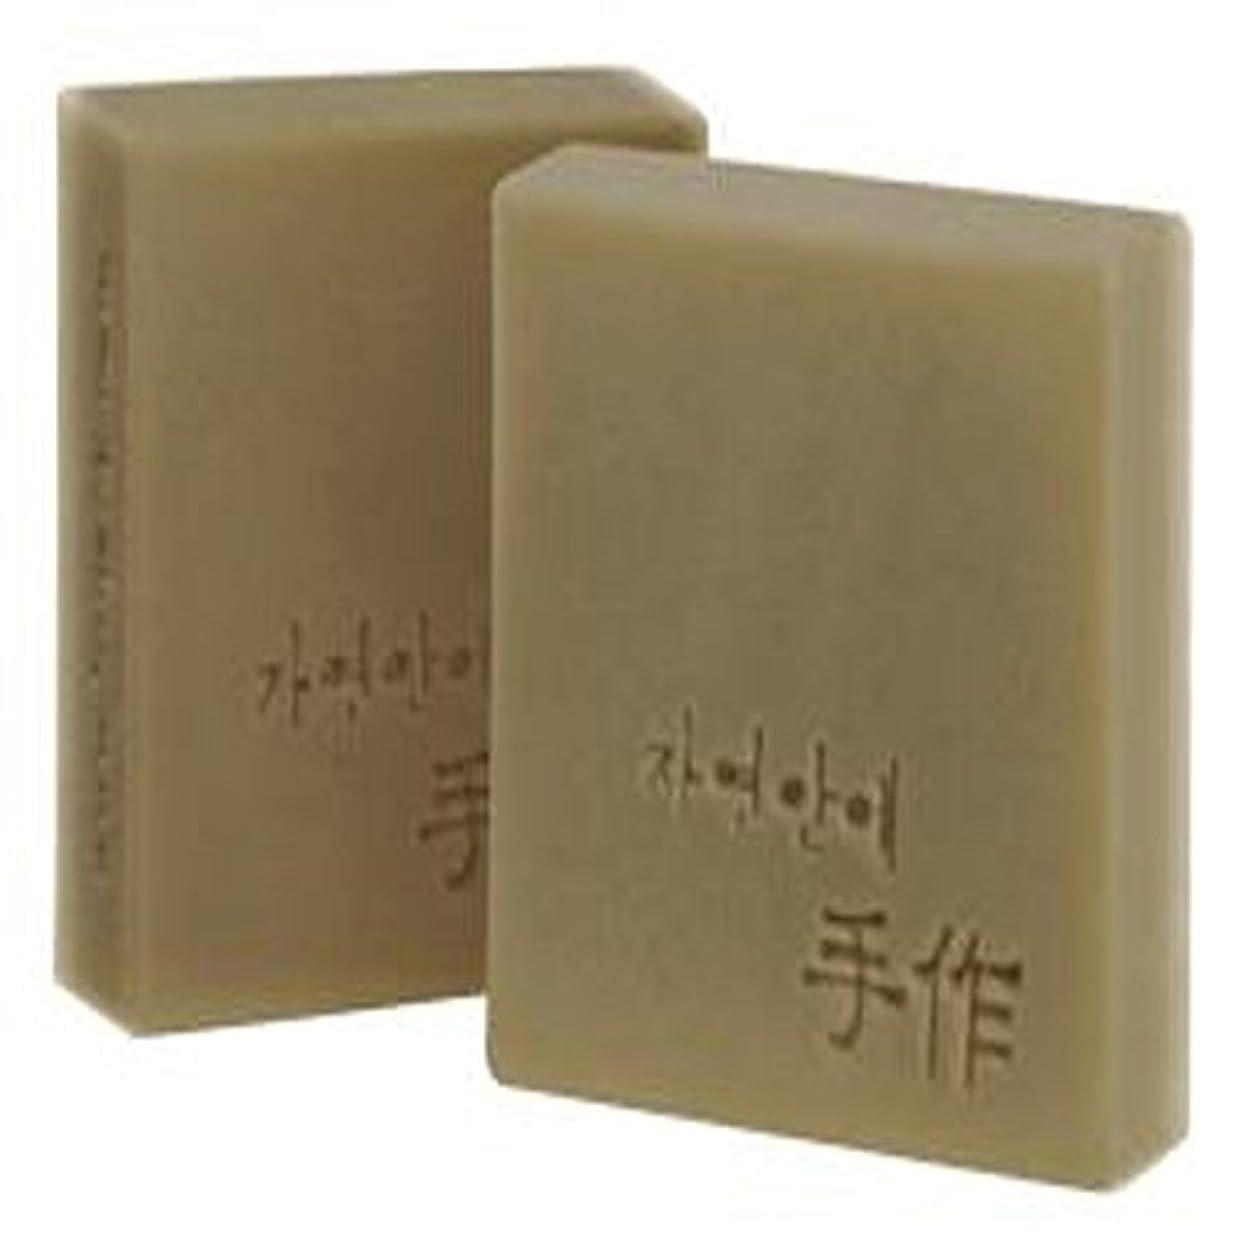 トレーダー漏斗衝突コースNatural organic 有機天然ソープ 固形 無添加 洗顔せっけんクレンジング 石鹸 [並行輸入品] (オートミール)